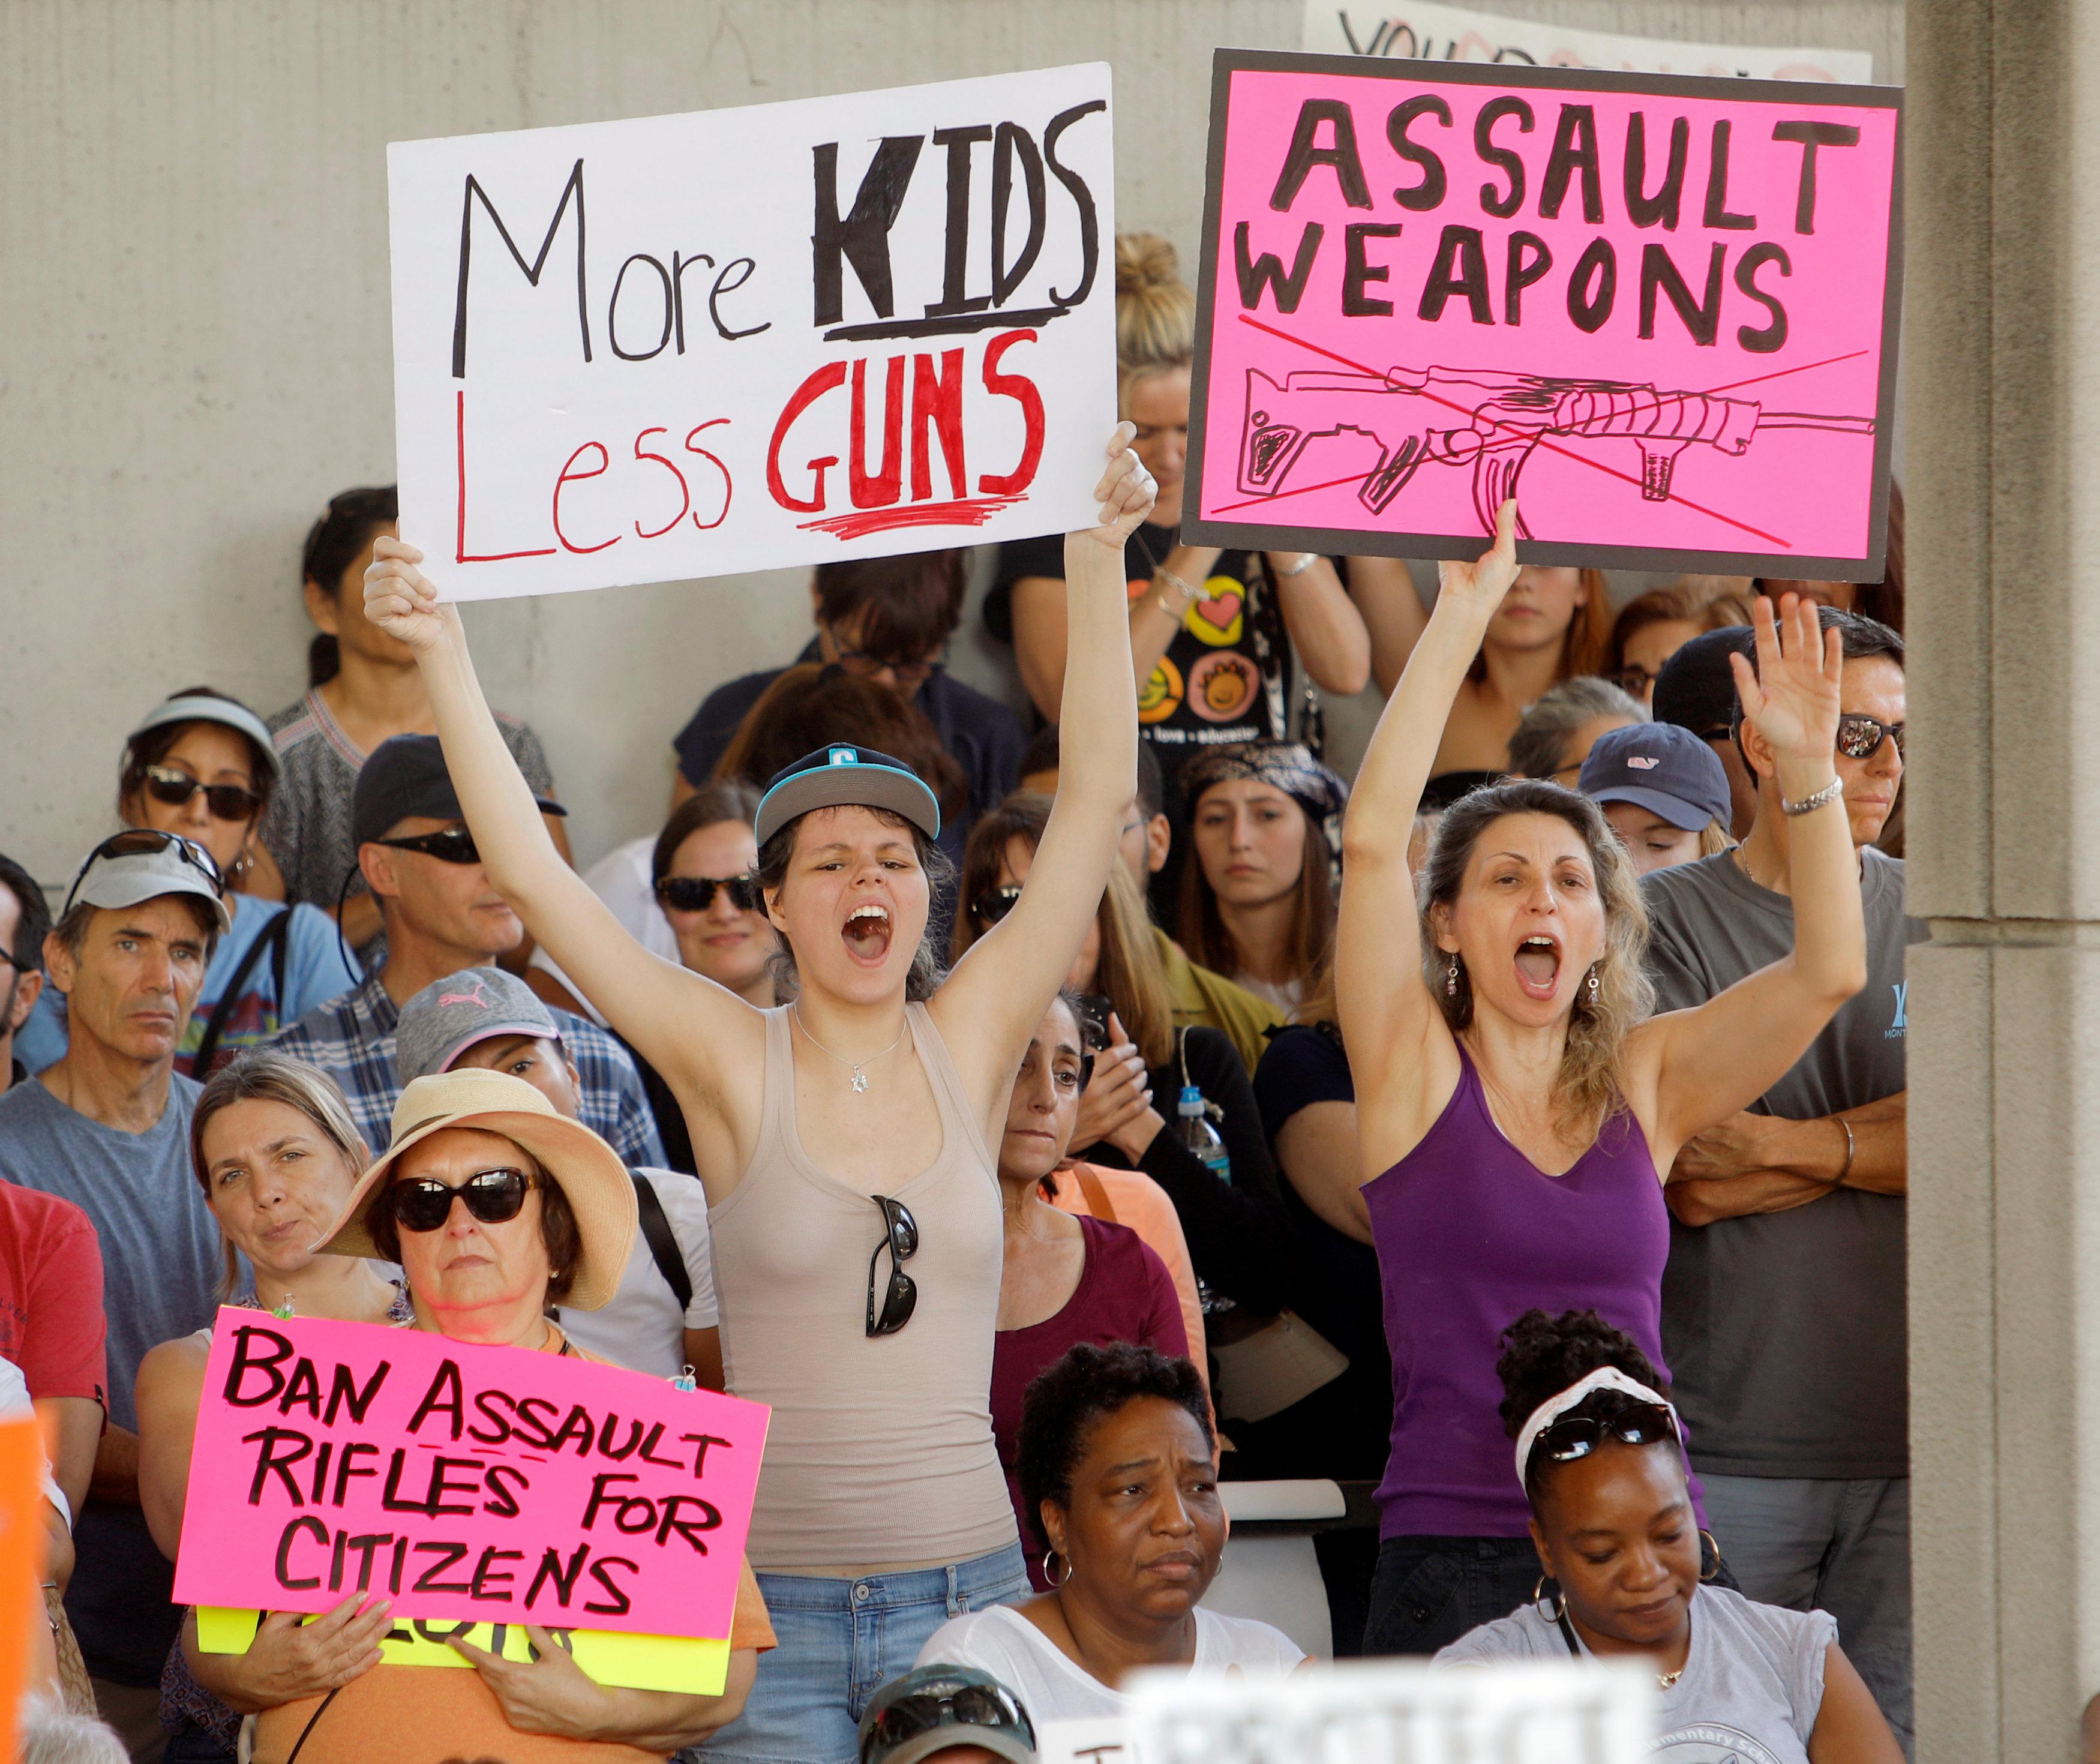 佛州校園慘案發生三天後,大批民眾集會要求改革政策,禁止攻擊性武器。(路透)